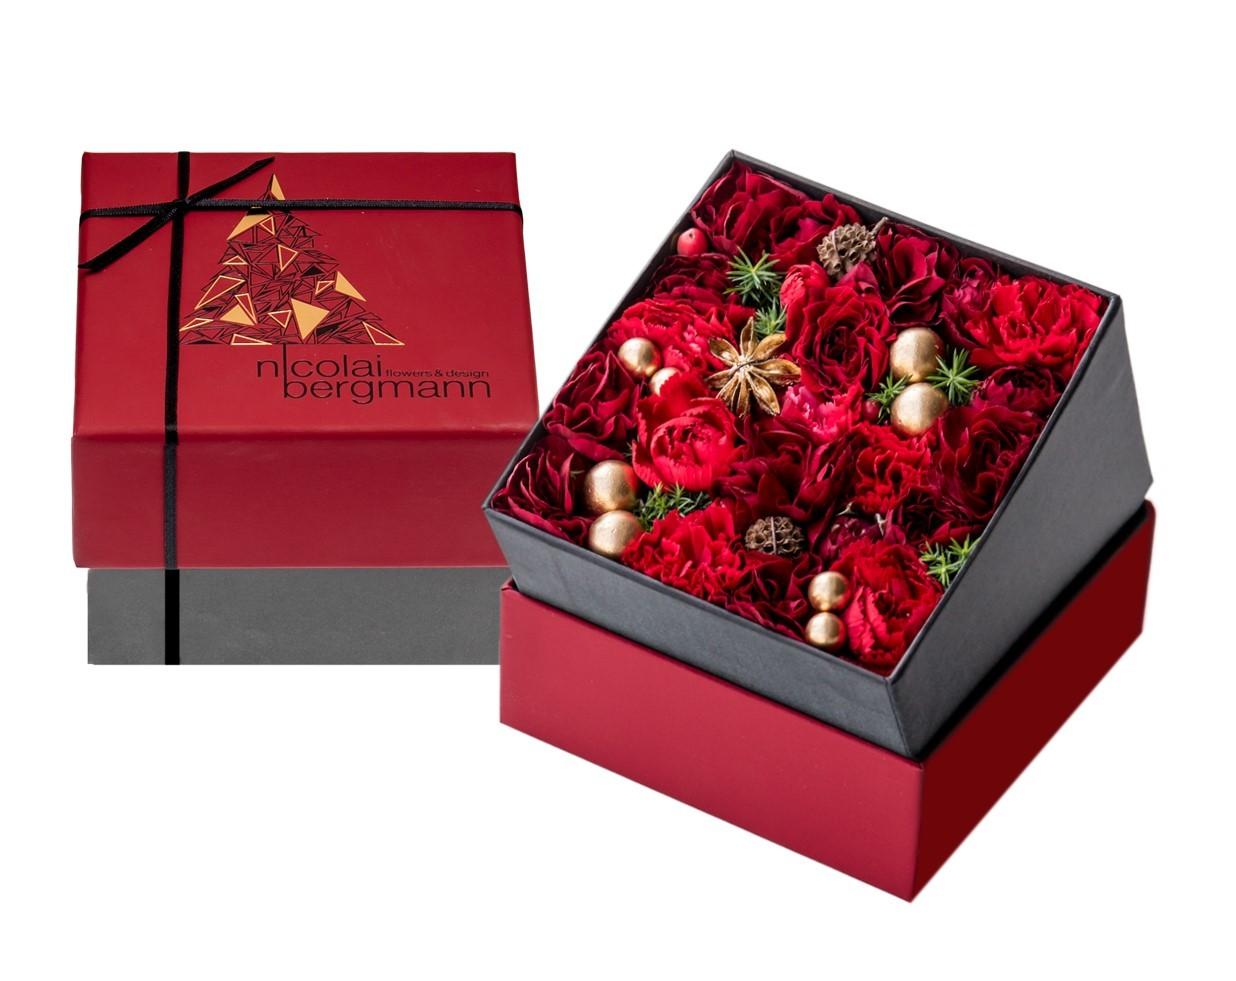 ニコライ バーグマンよりクリスマス限定フラワーボックスアレンジメントを発売_1_1